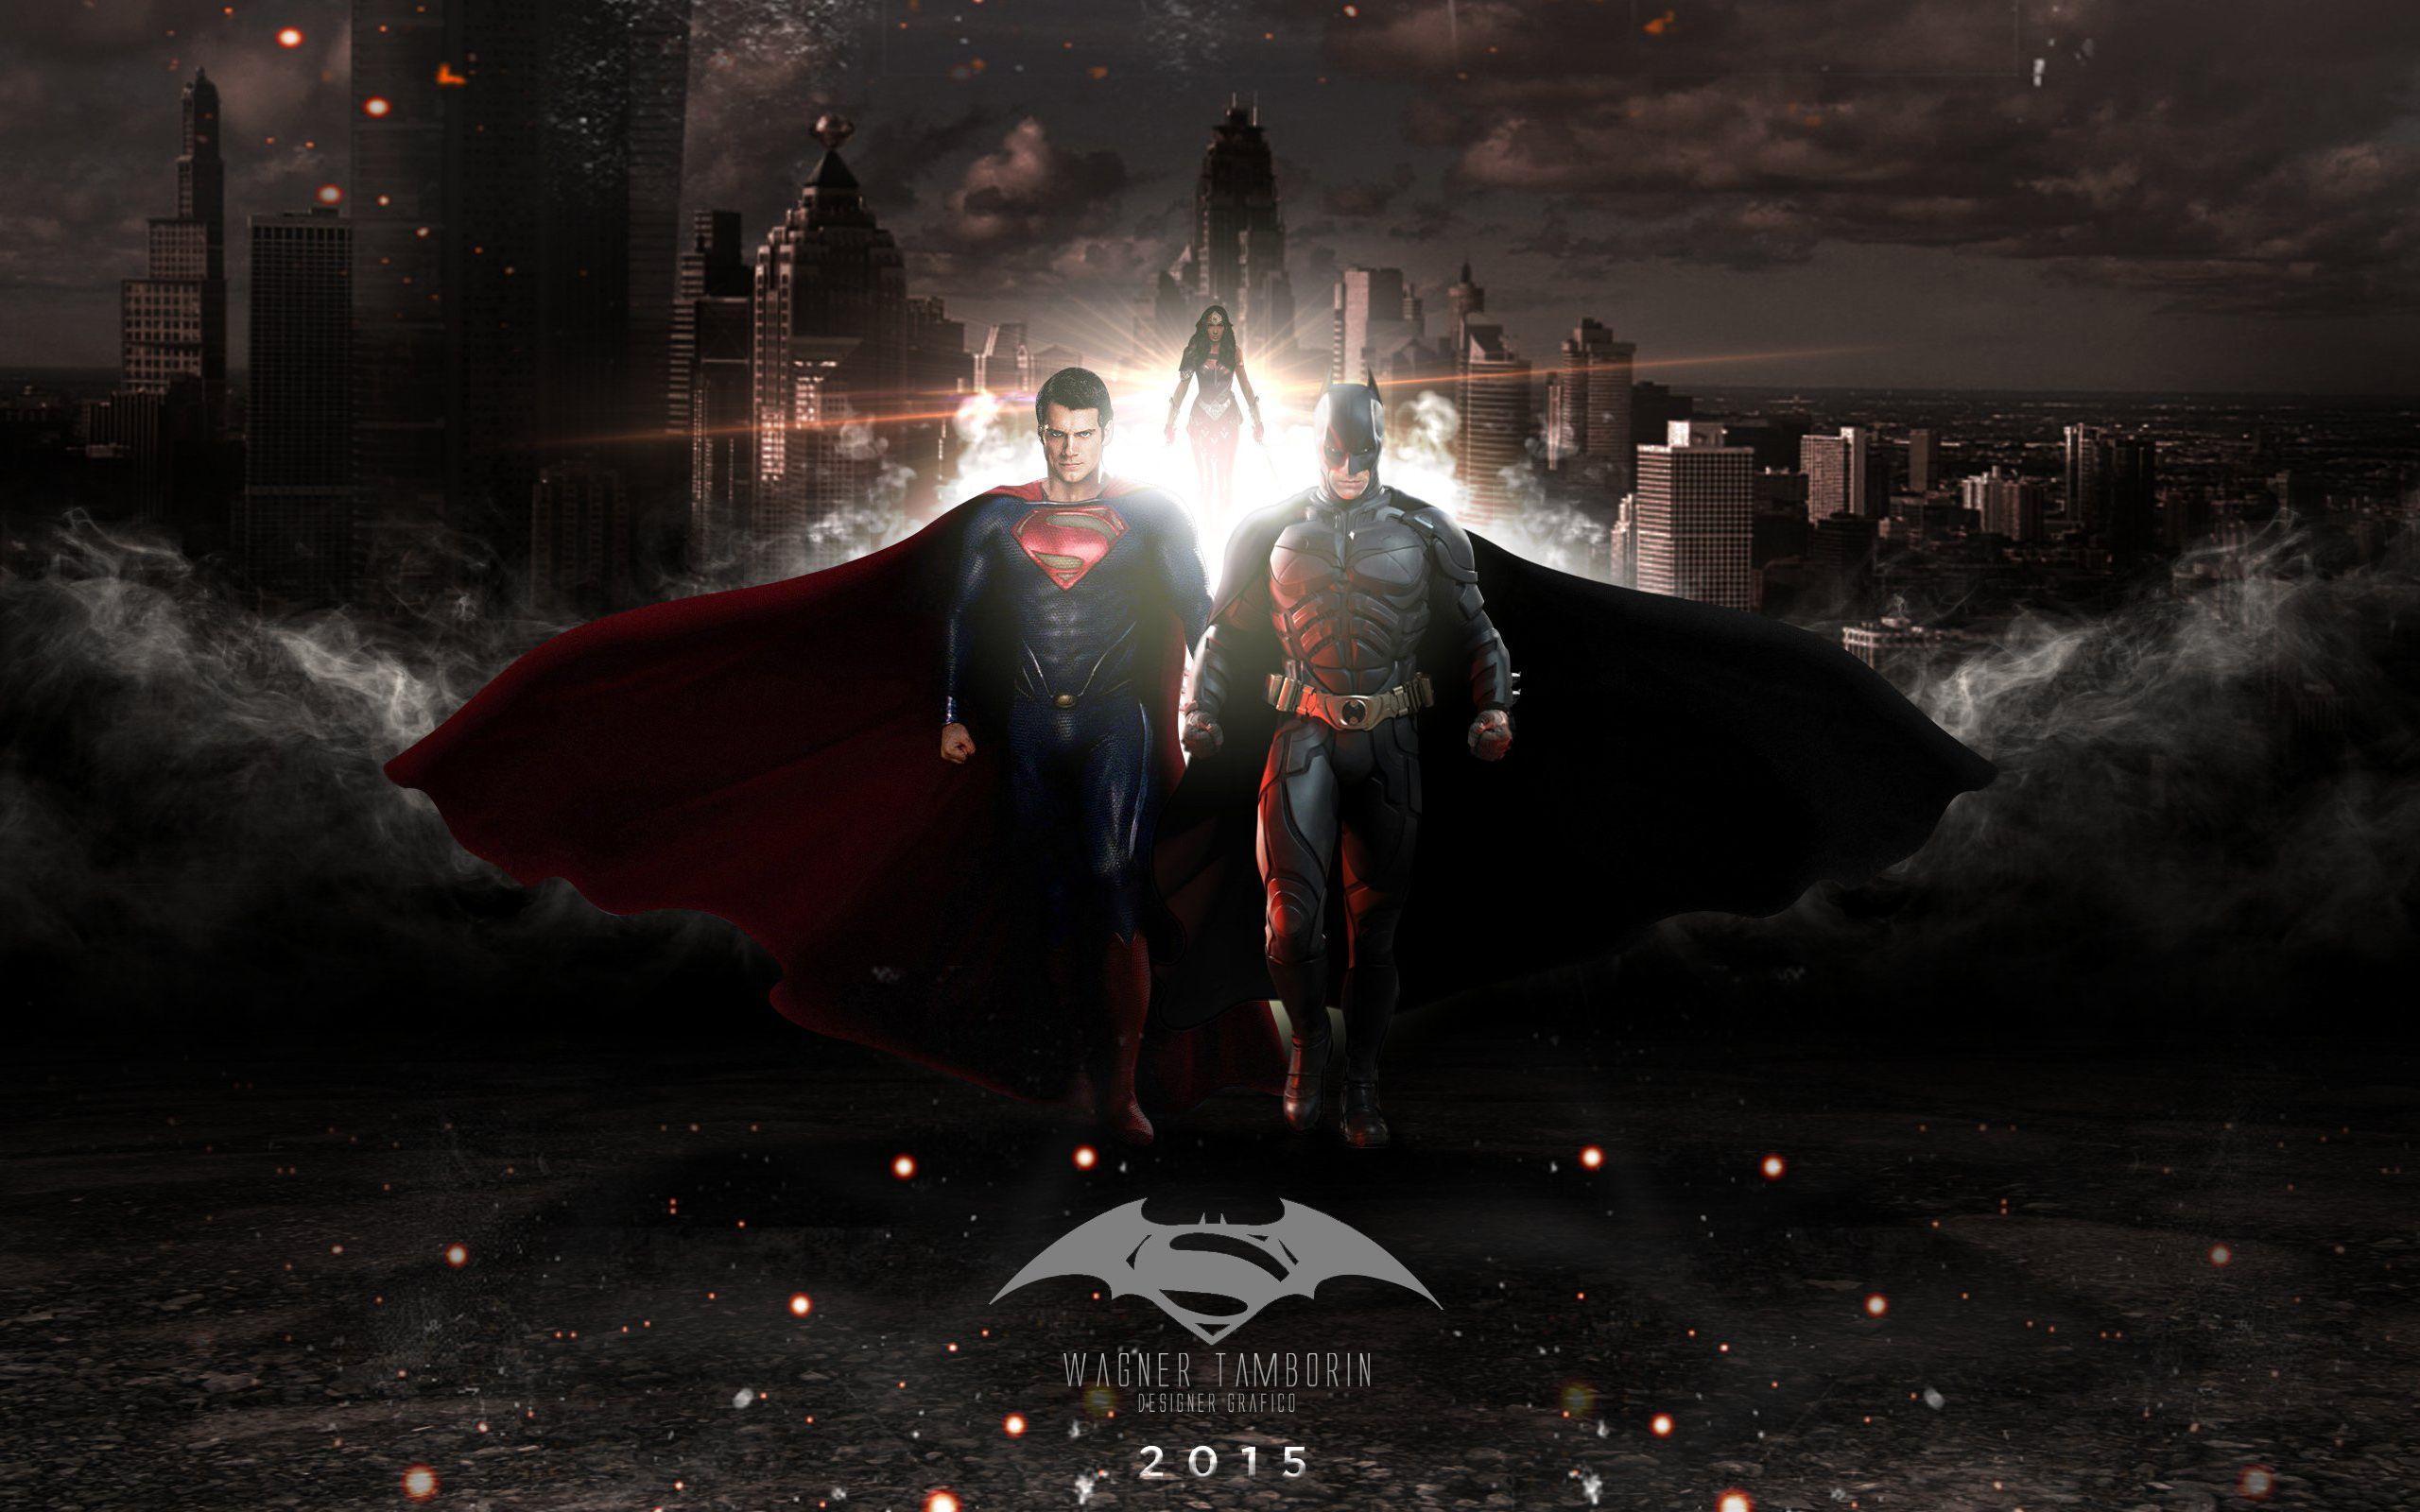 Batman Vs Superman Wallpapers Top Free Batman Vs Superman